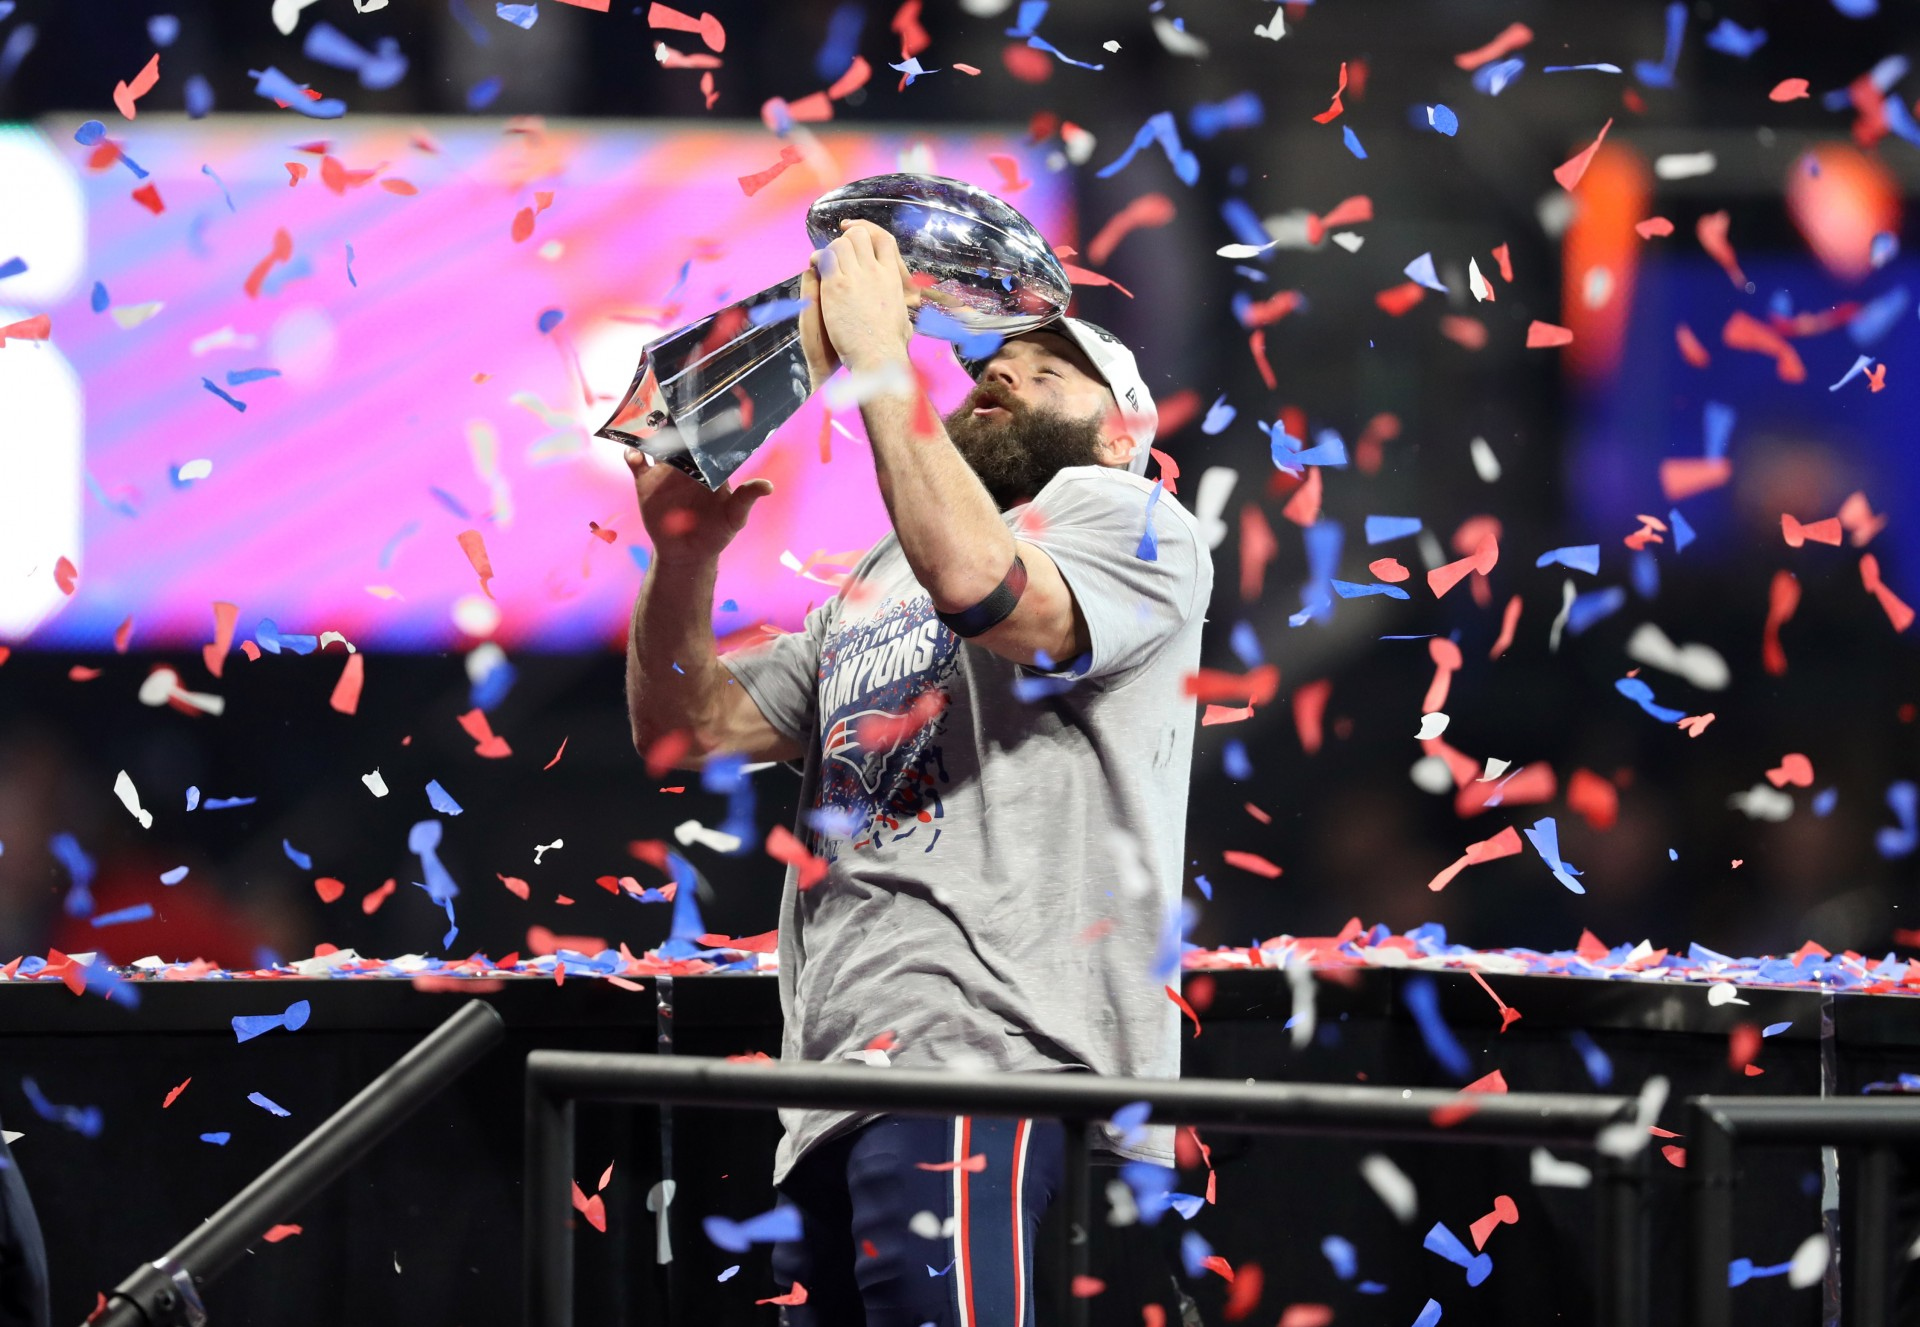 El receptor abierto de los New England Patriots Julian Edelman con el Trofeo Vince Lombardi después de ganar el Super Bowl LIII contra los Rams de Los Angeles en el Estadio Mercedes-Benz.